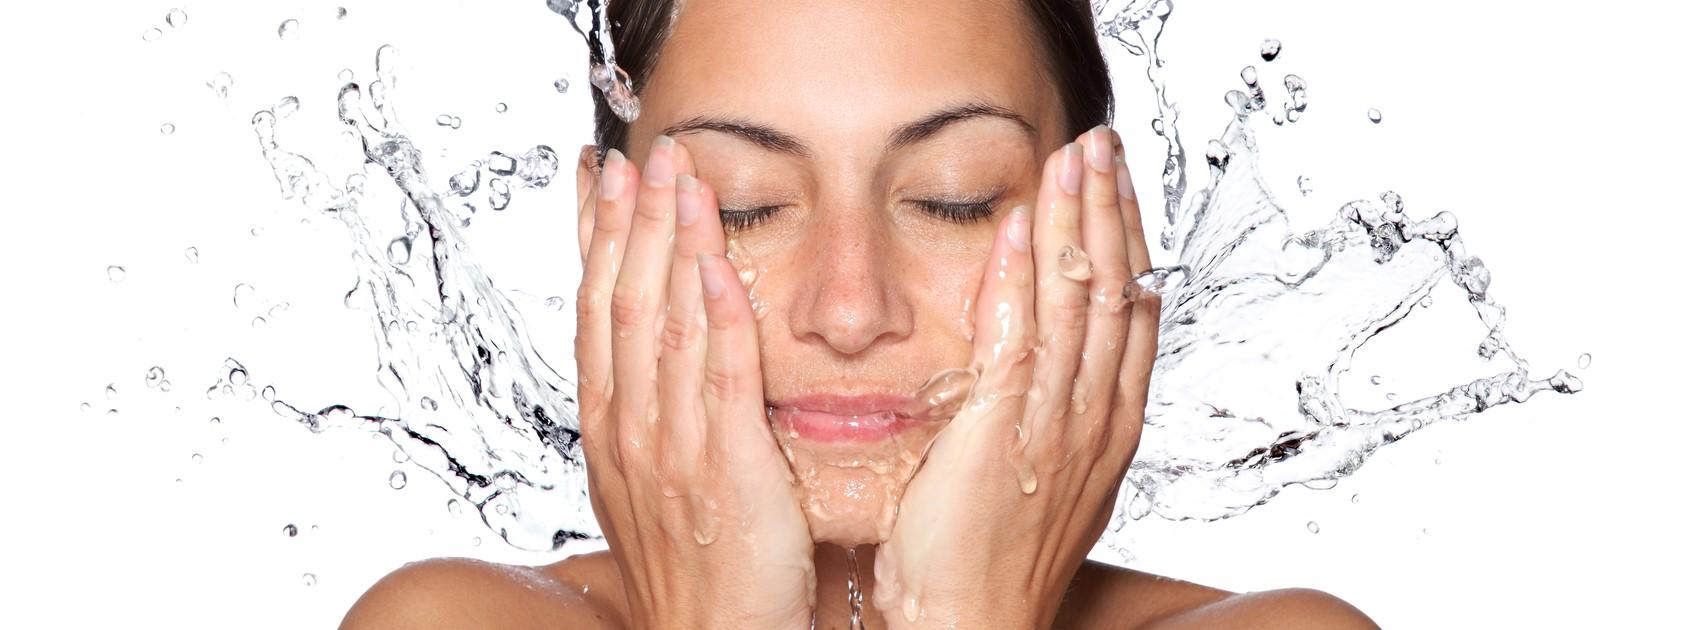 washing-face-long-version.jpg